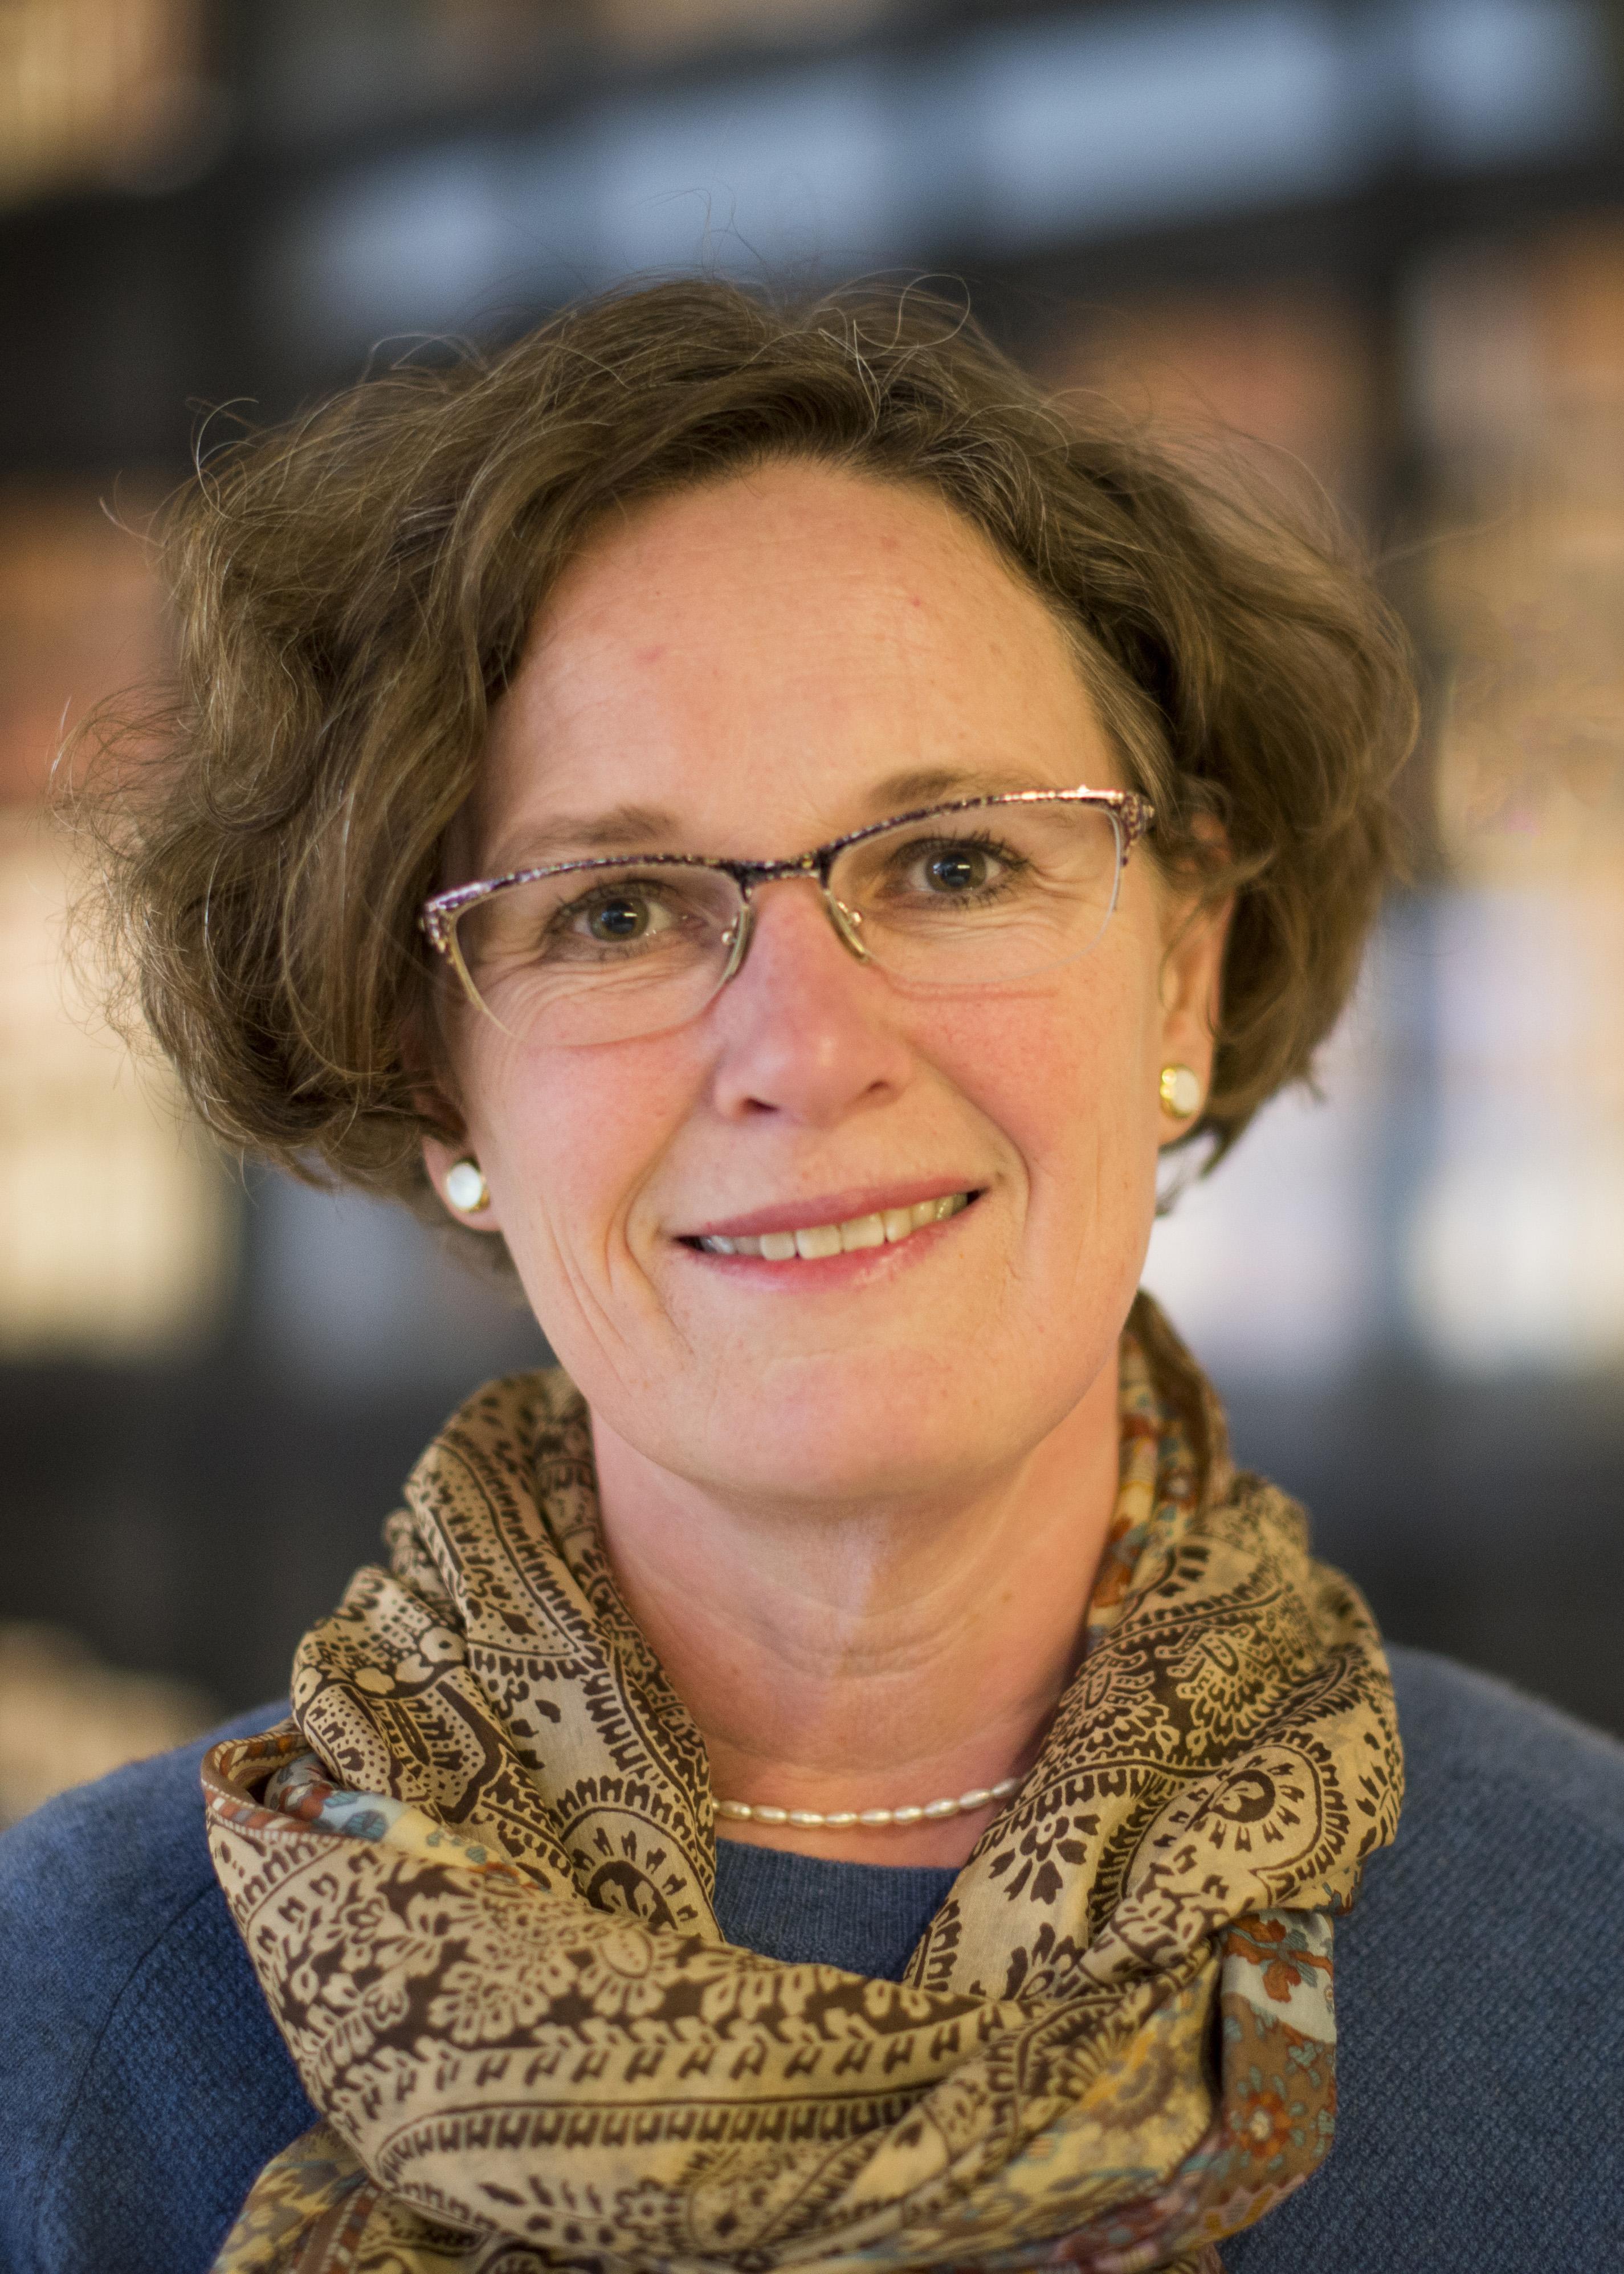 Portrait of Emme Ledgerwood